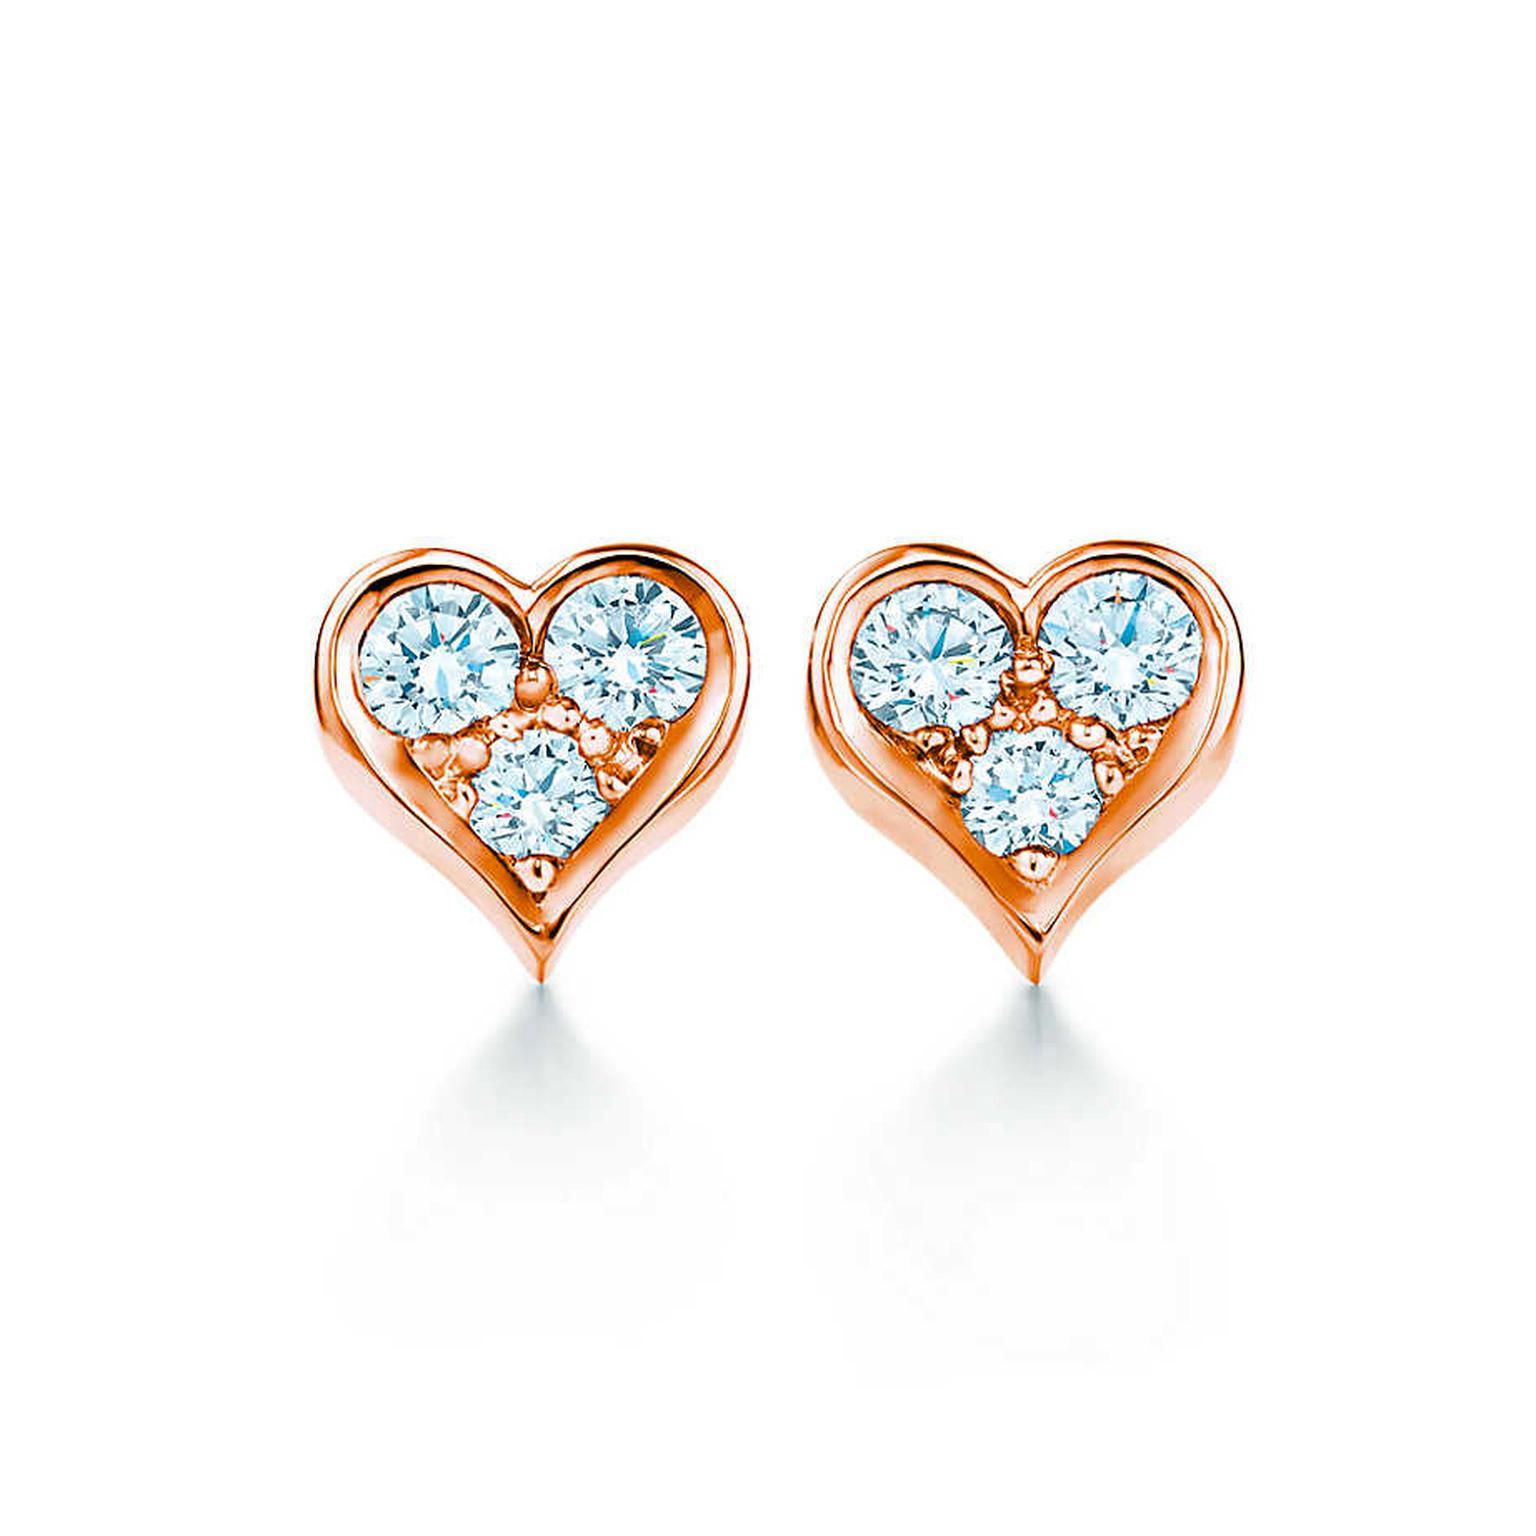 Hearts diamond studs Tiffany & Co